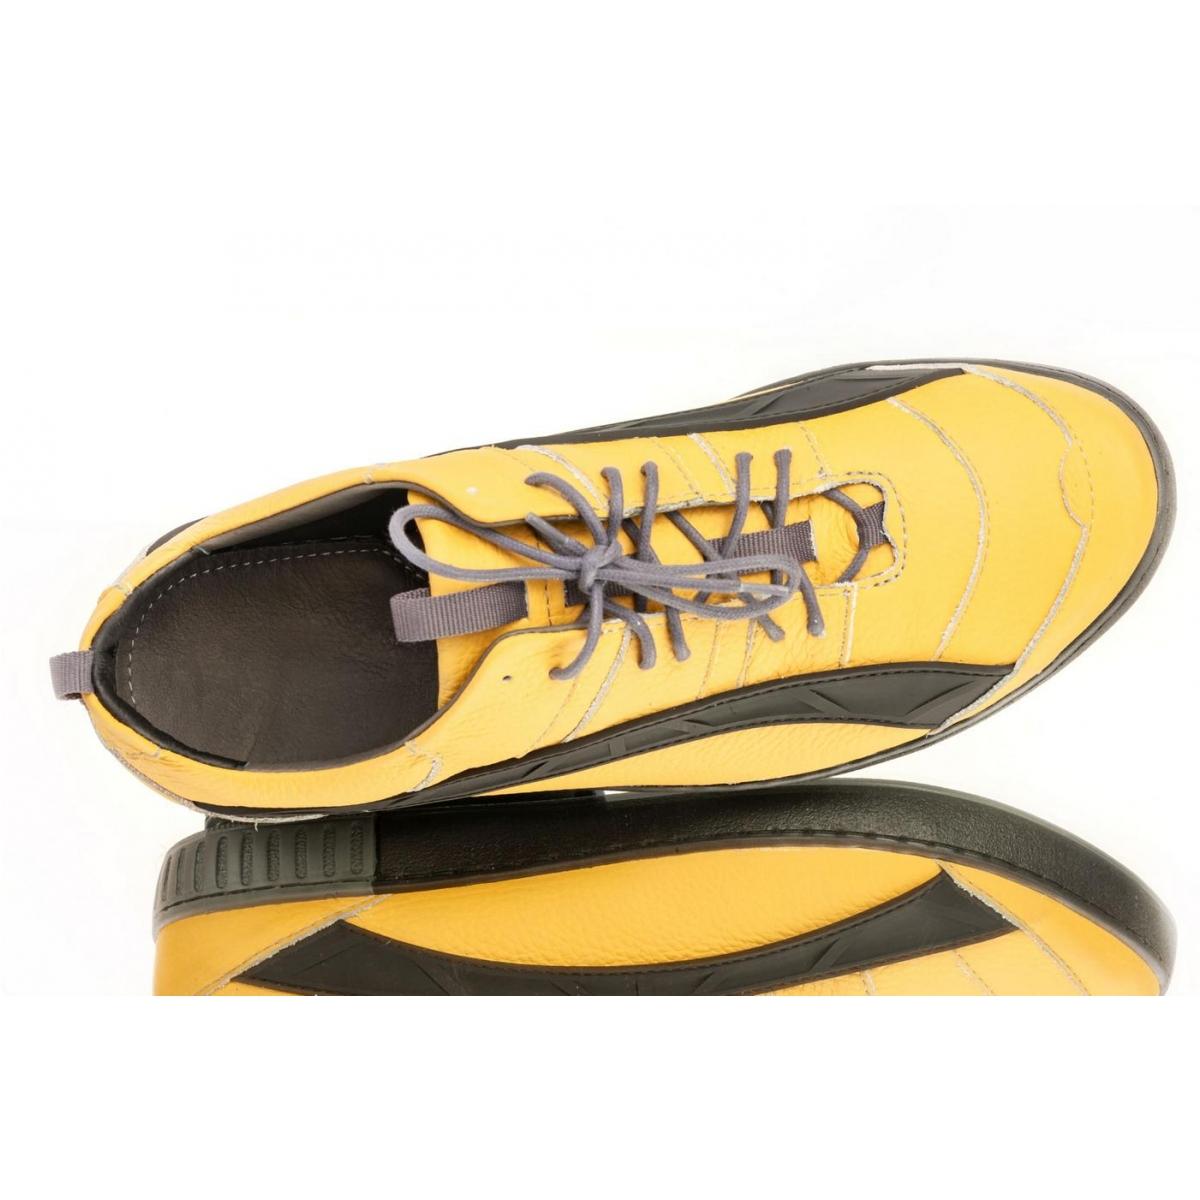 c0adddd499ba Pánske žlté topánky ELIAS - 4